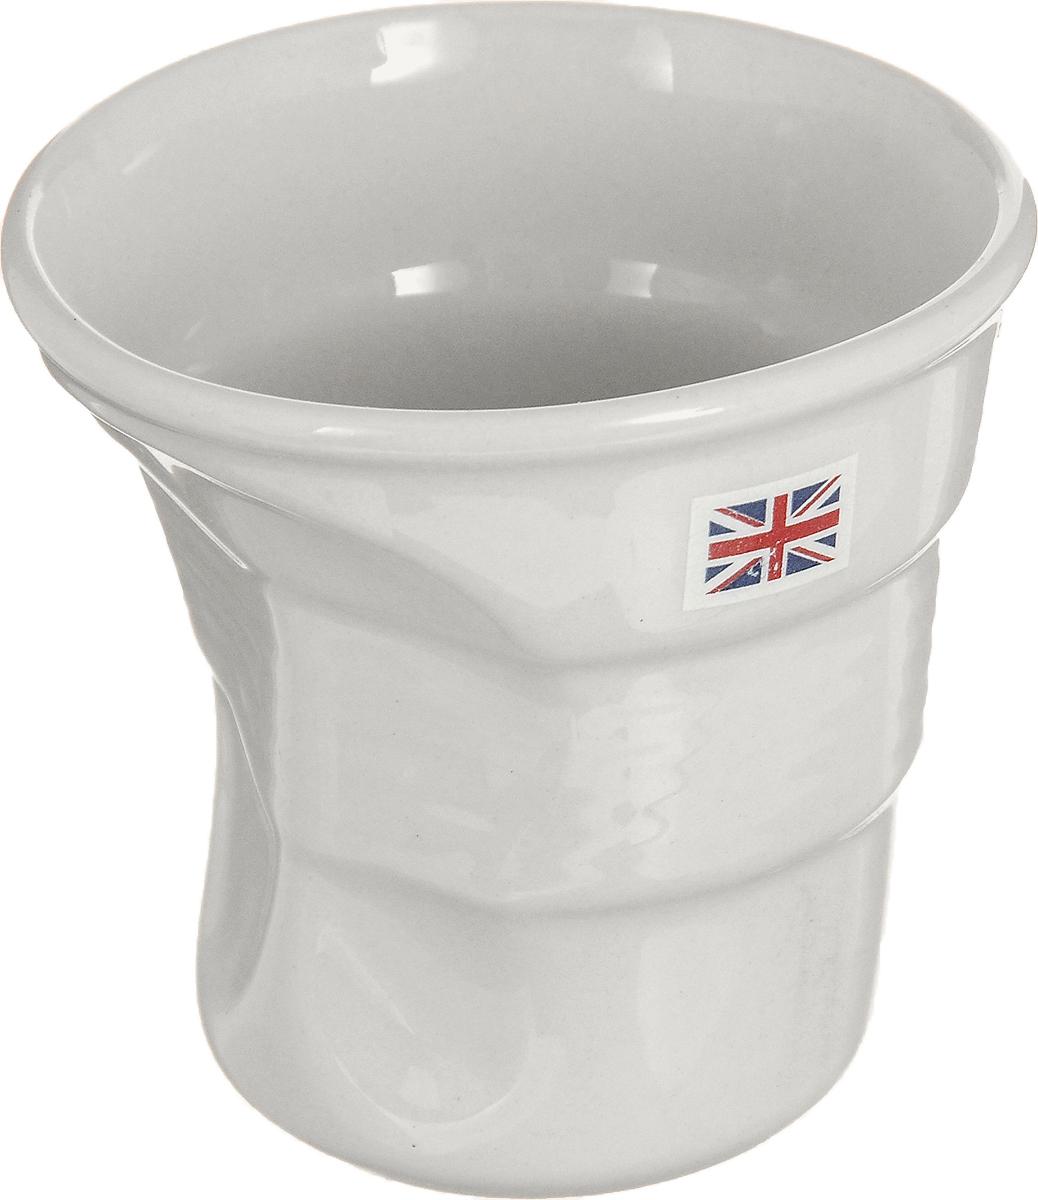 Стакан Карамба Английский флаг, цвет: белый, 150 мл3125Забавный небольшой керамический мятый стаканчик с изображением английского флага станет не только приятным, но и практичным сувениром.